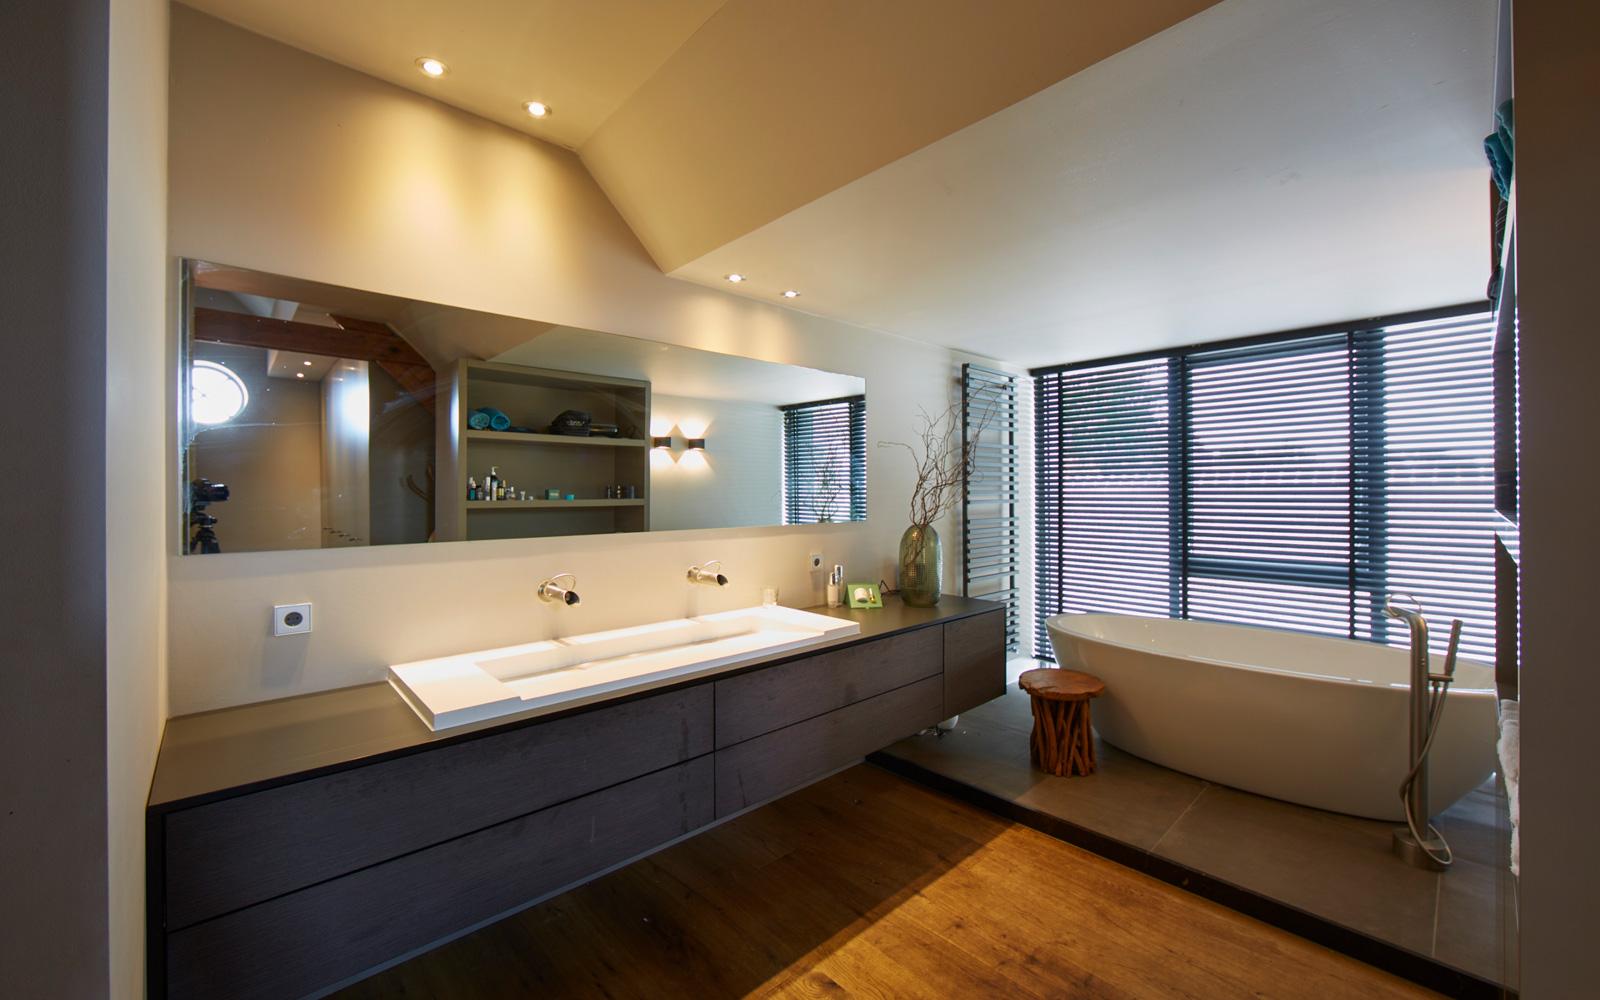 De moderne badkamer is voorzien van een grote wastafel en een vrijstaand ligbad.